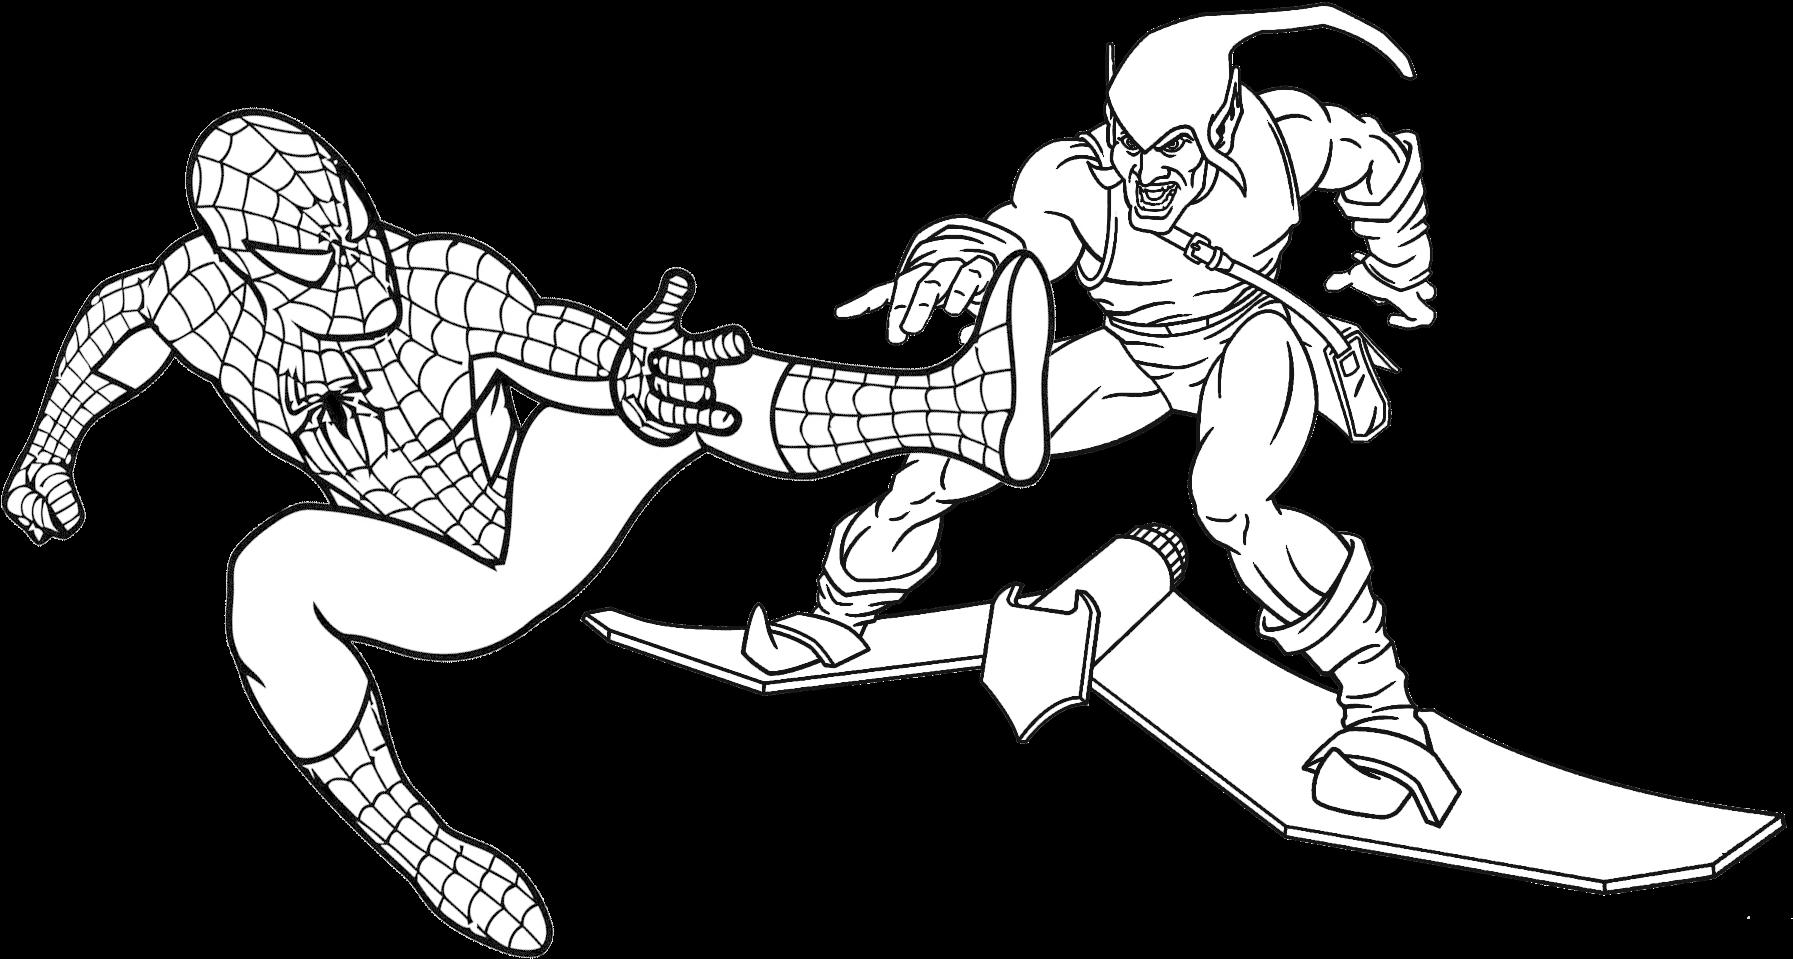 Download Hd Homem Aranha Para Colorir 03 Spiderman Coloring